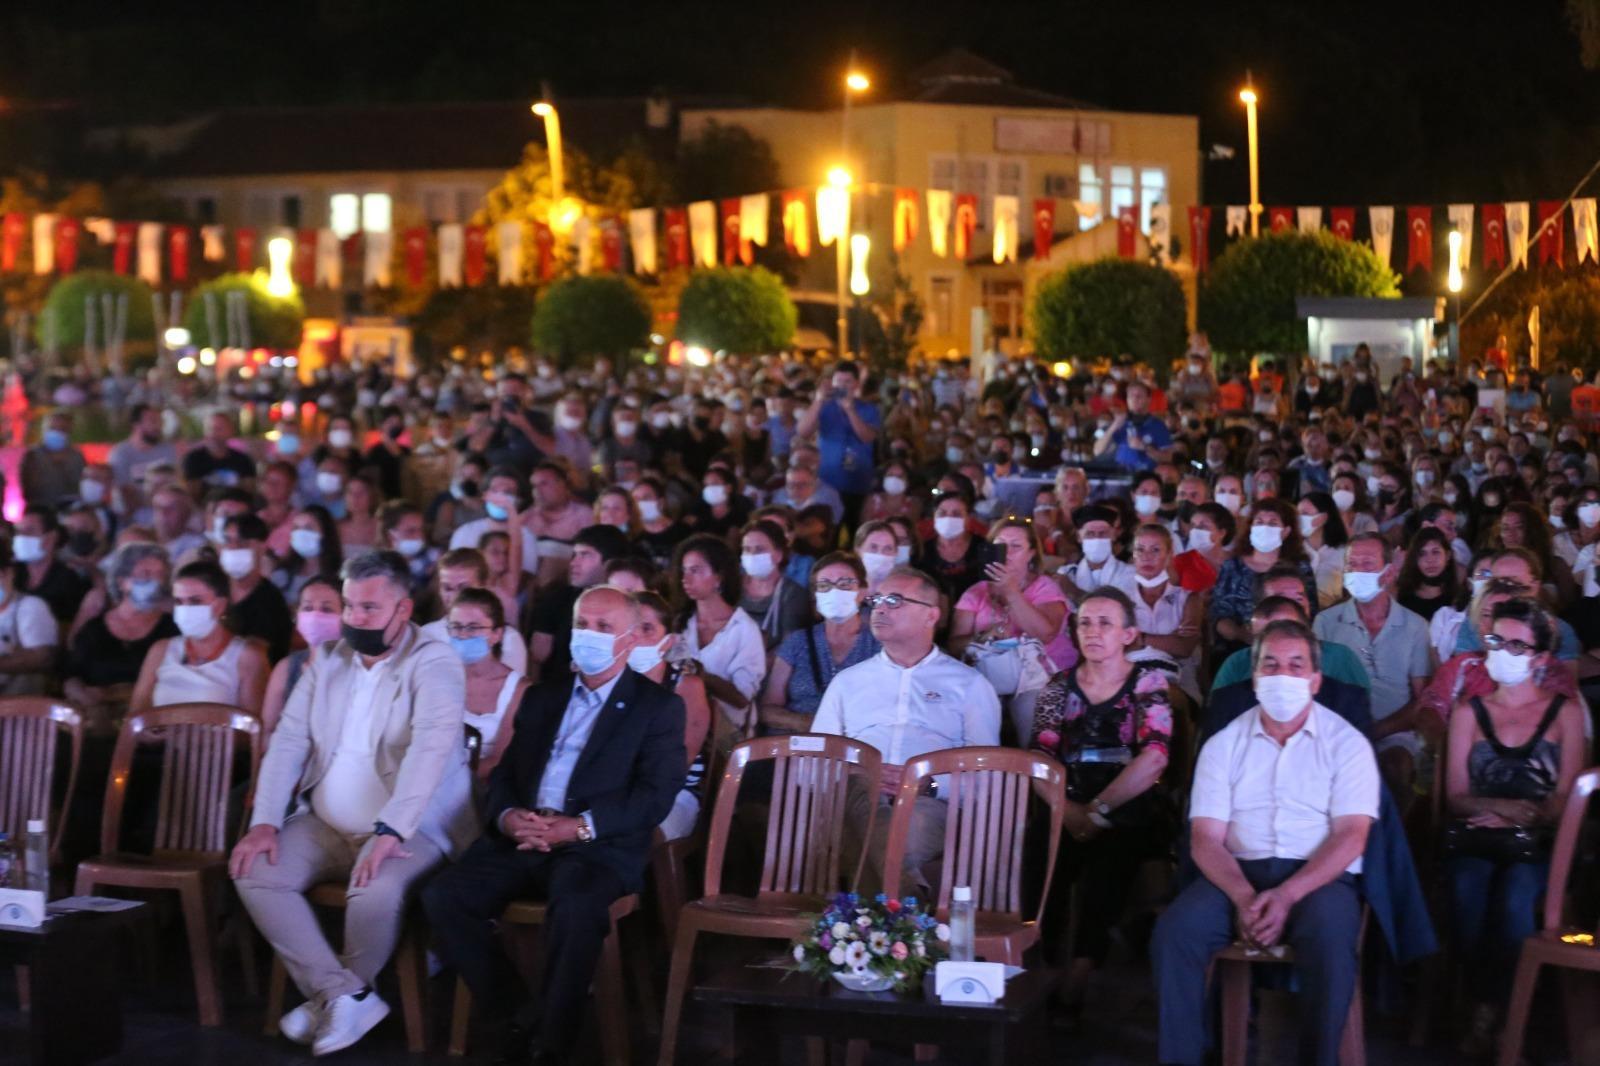 mugla-zurnazen-festivali-sürüyor-gazete-yenıgun